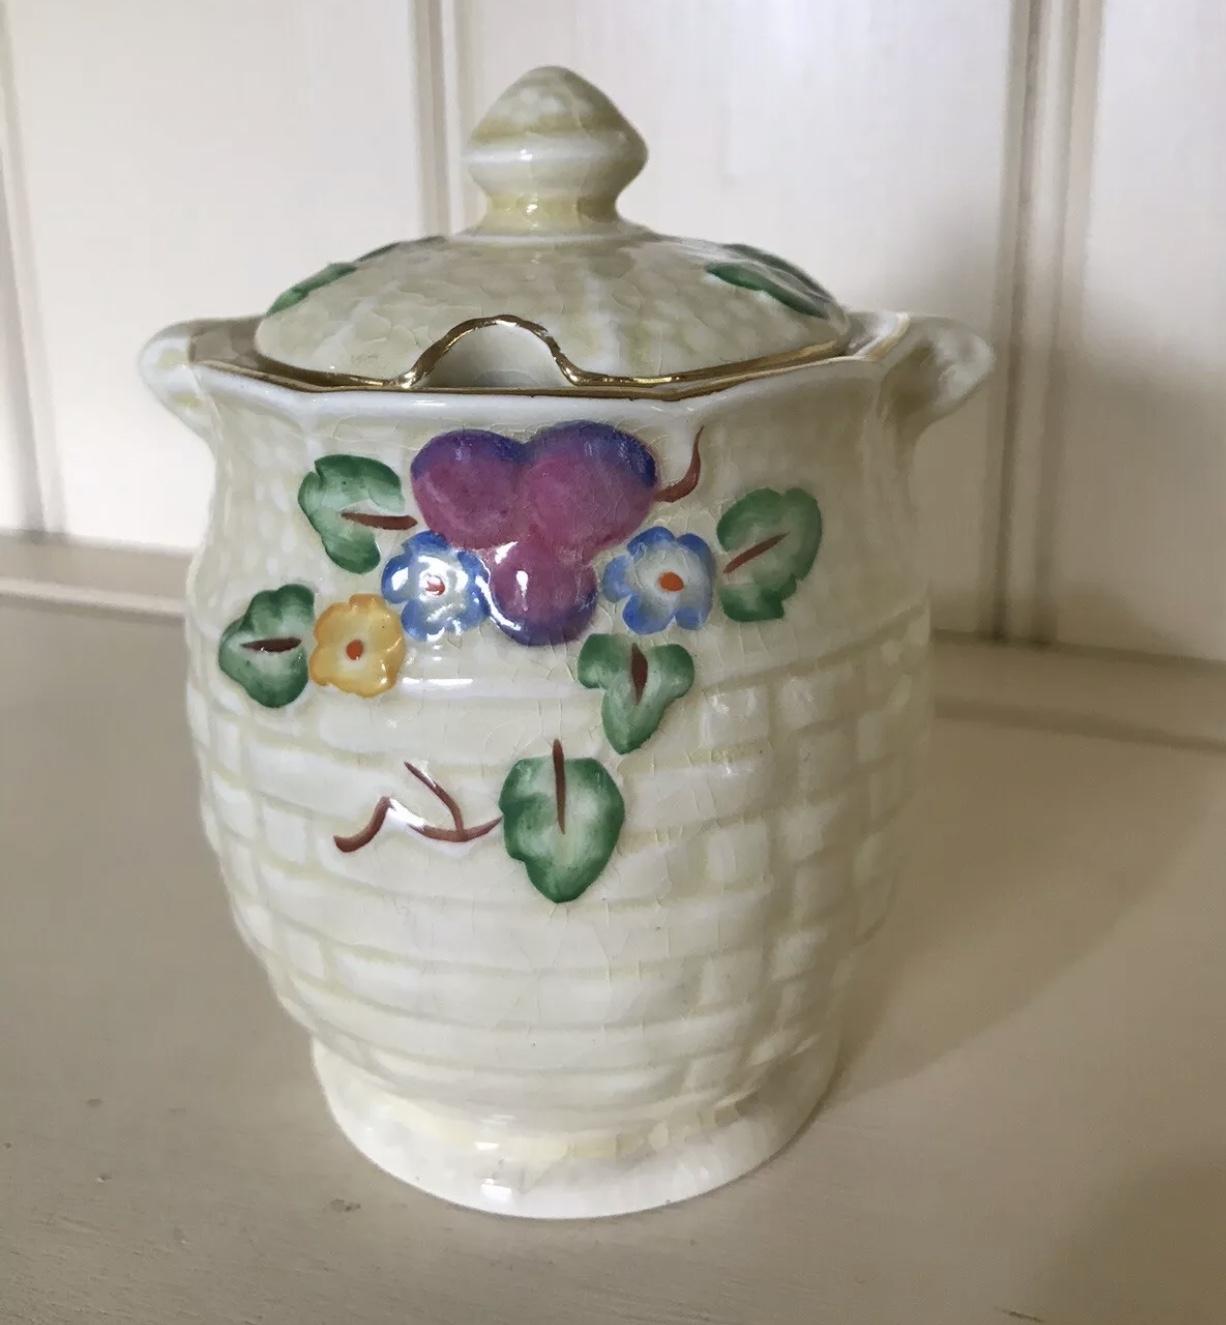 Vintage Crown Devon honeypot